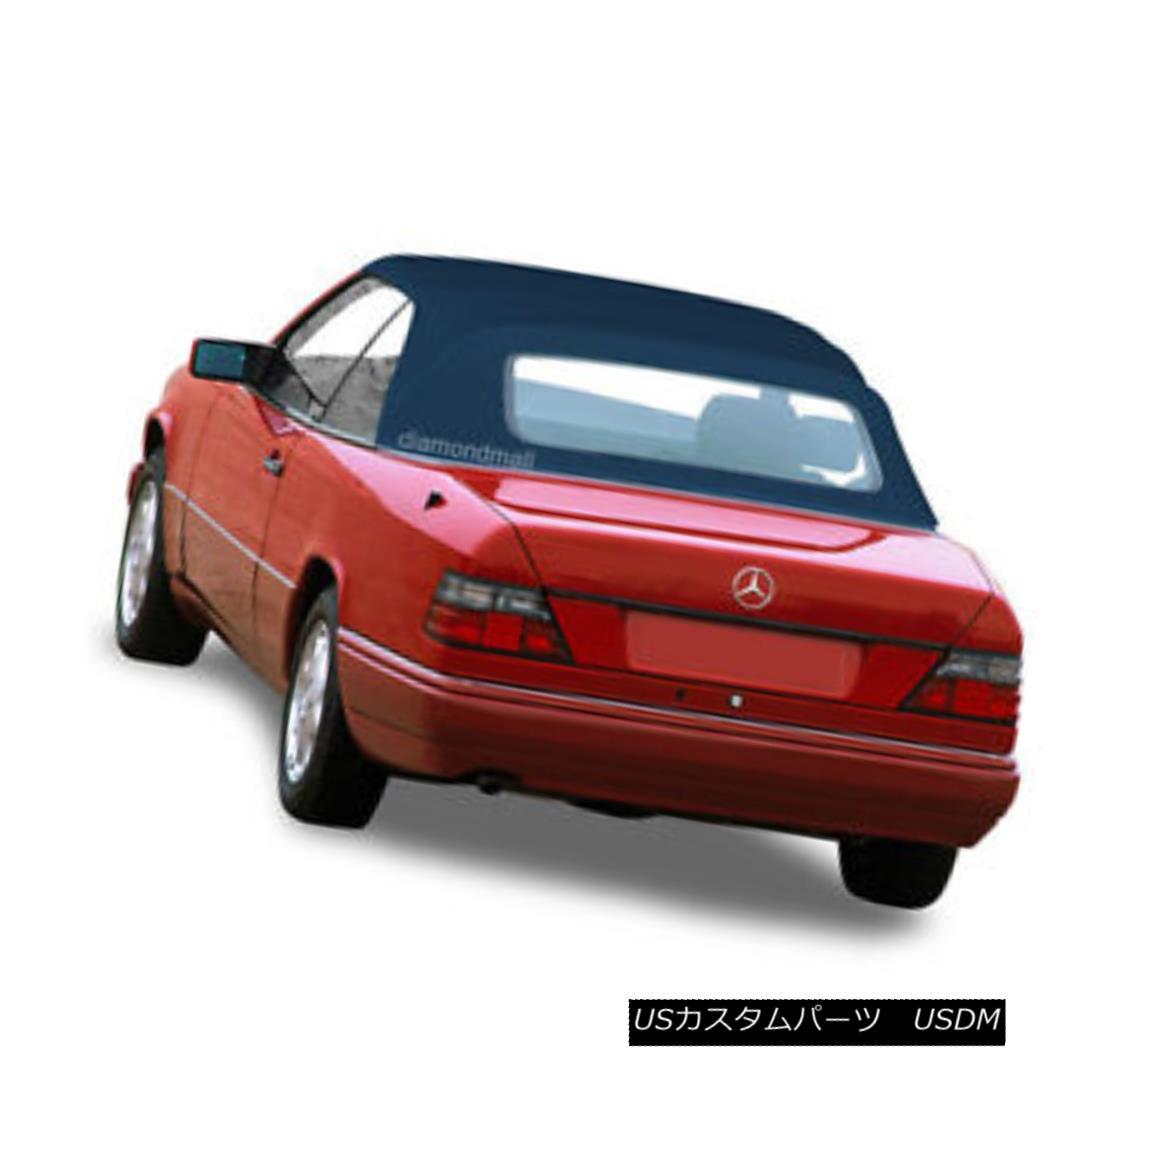 幌・ソフトトップ Mercedes W124 E320 300CE 1992-1995 Convertible Soft Top Blue German Original メルセデスW124 E320 300CE 1992-1995コンバーチブルソフトトップブルードイツオリジナル